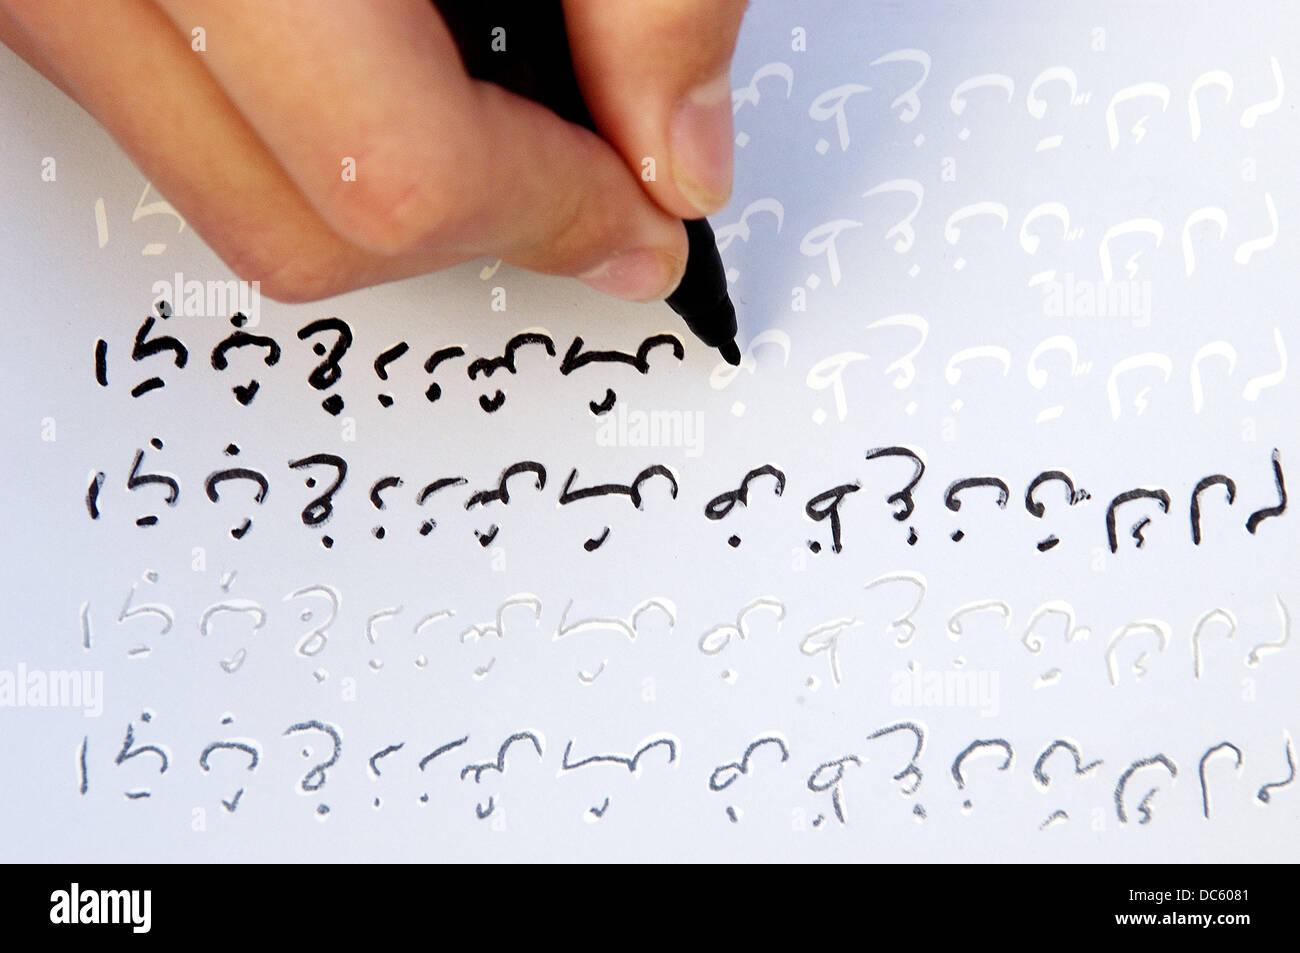 Außergewöhnlich Kinder lernen arabische Schrift Stockfoto, Bild: 59138913 - Alamy #YR_12